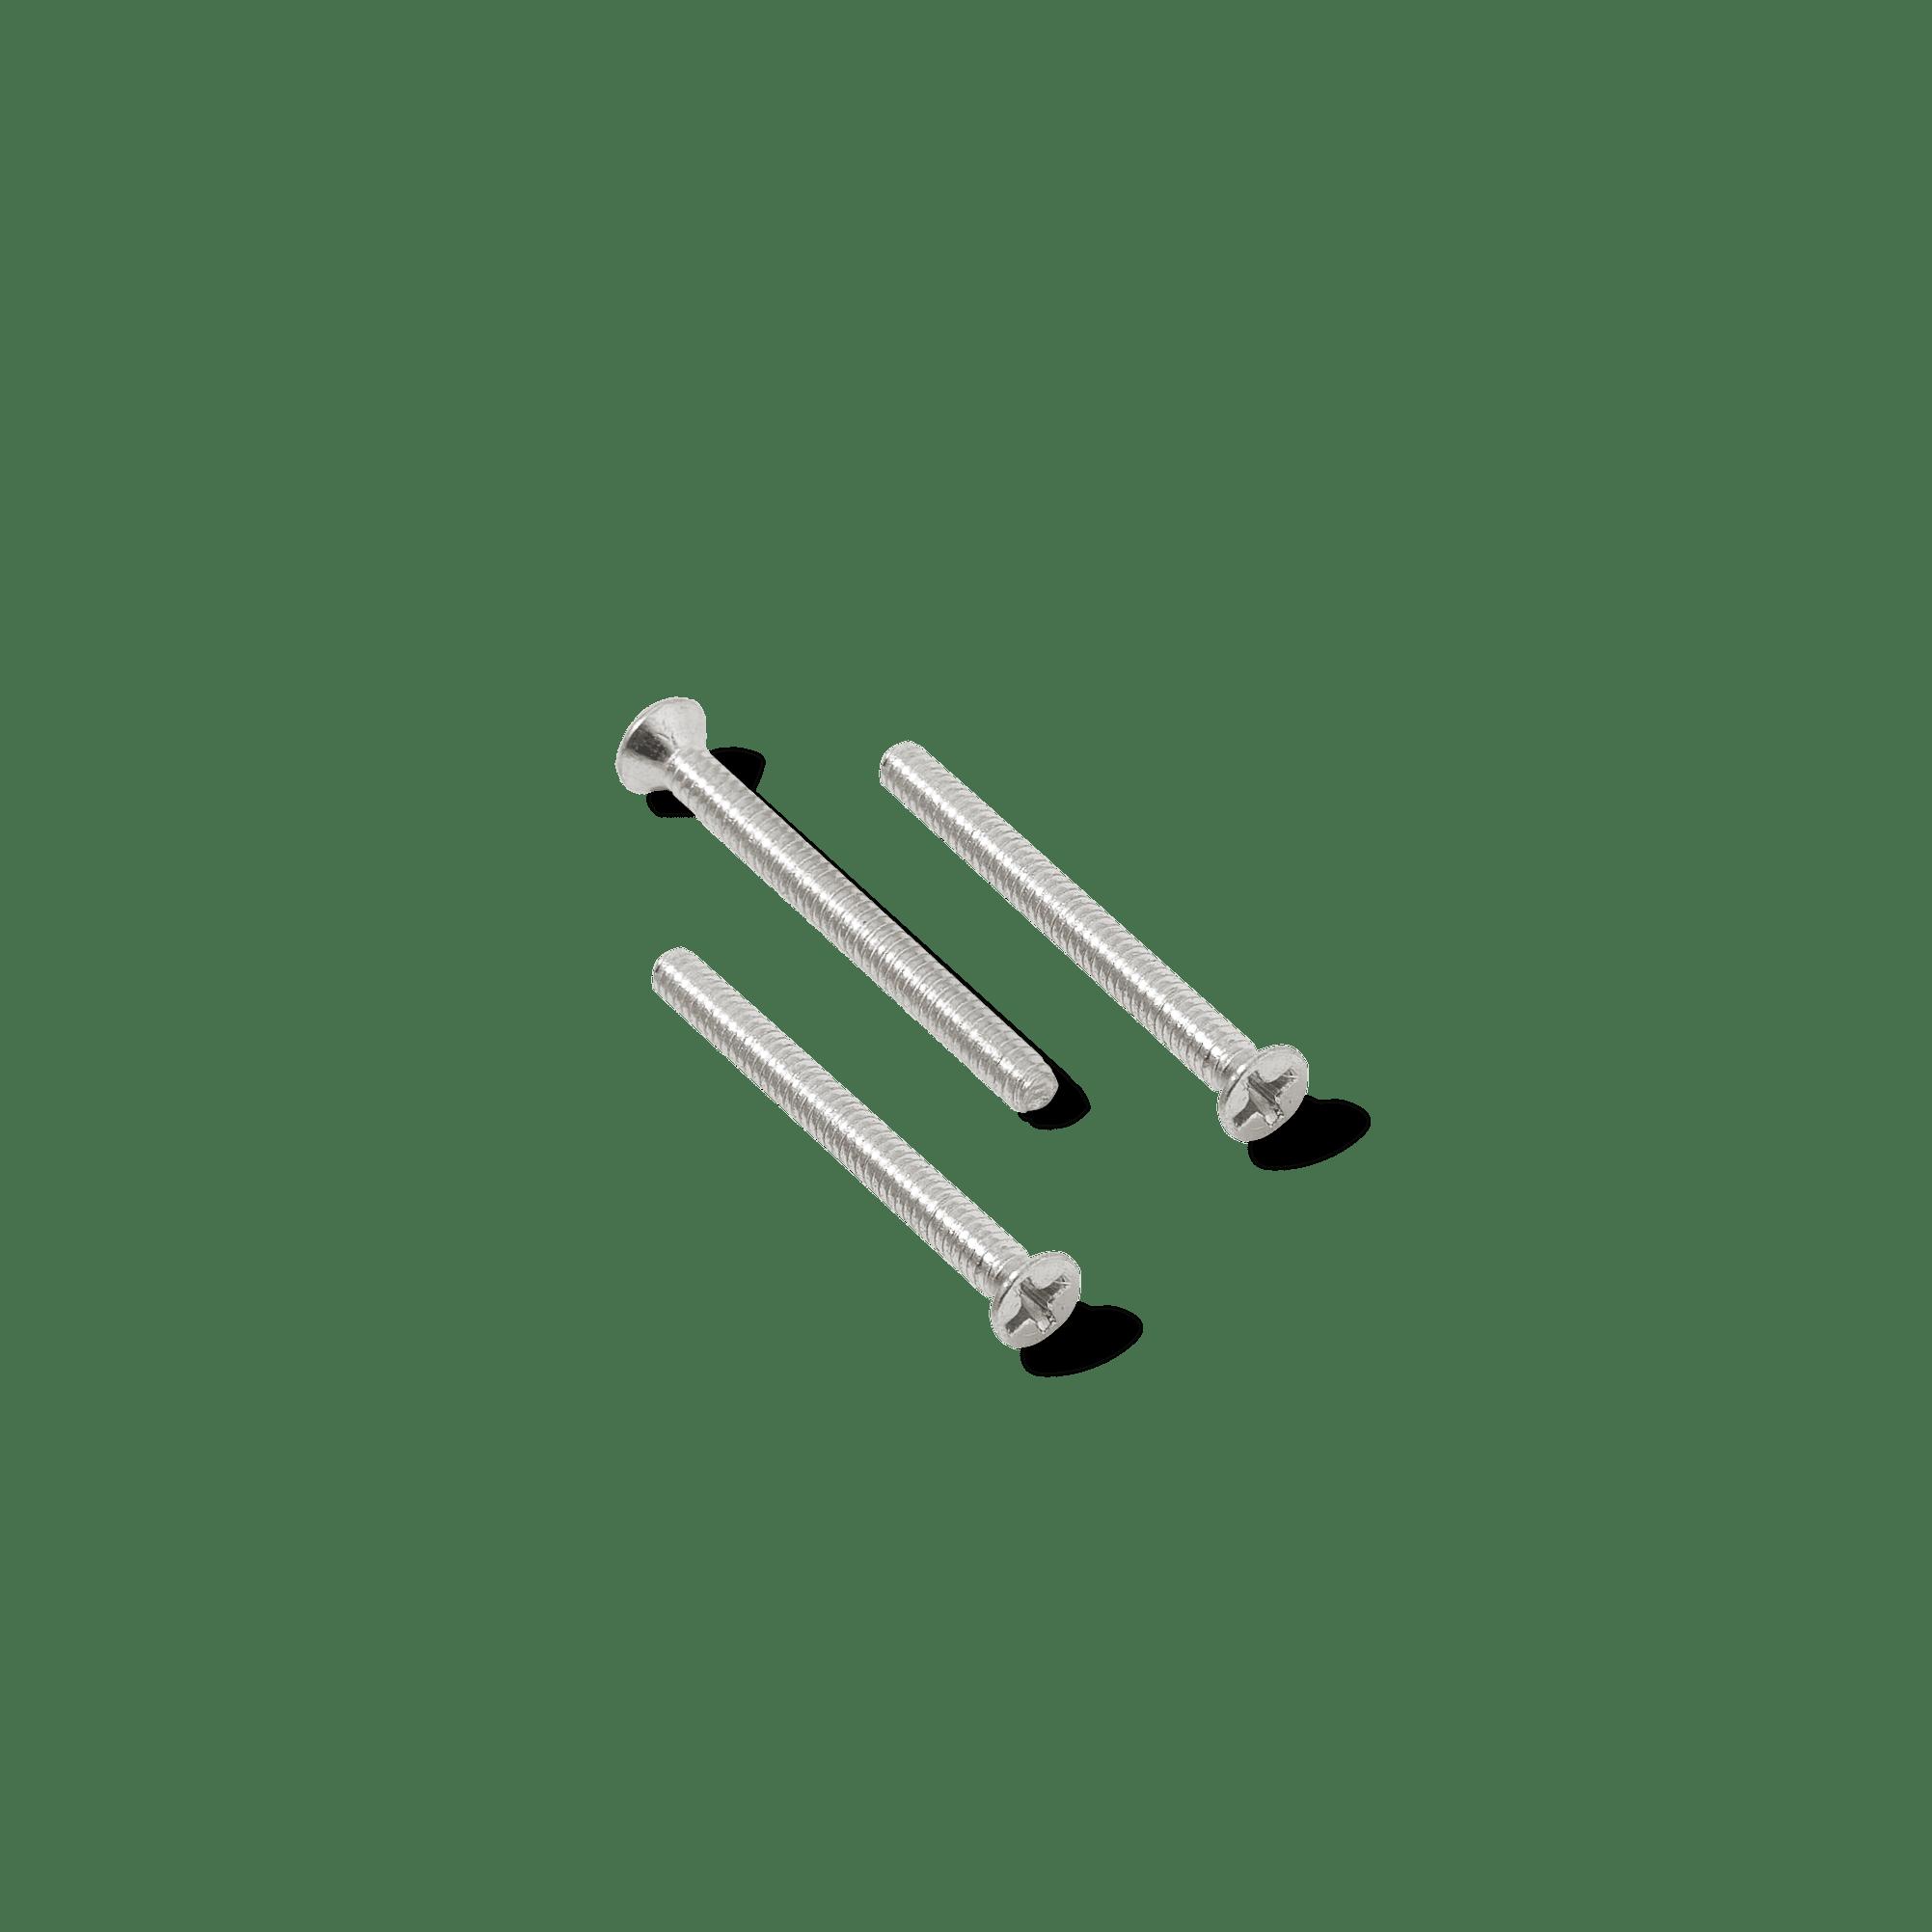 20200225_V6A7468_86Repairs-screws